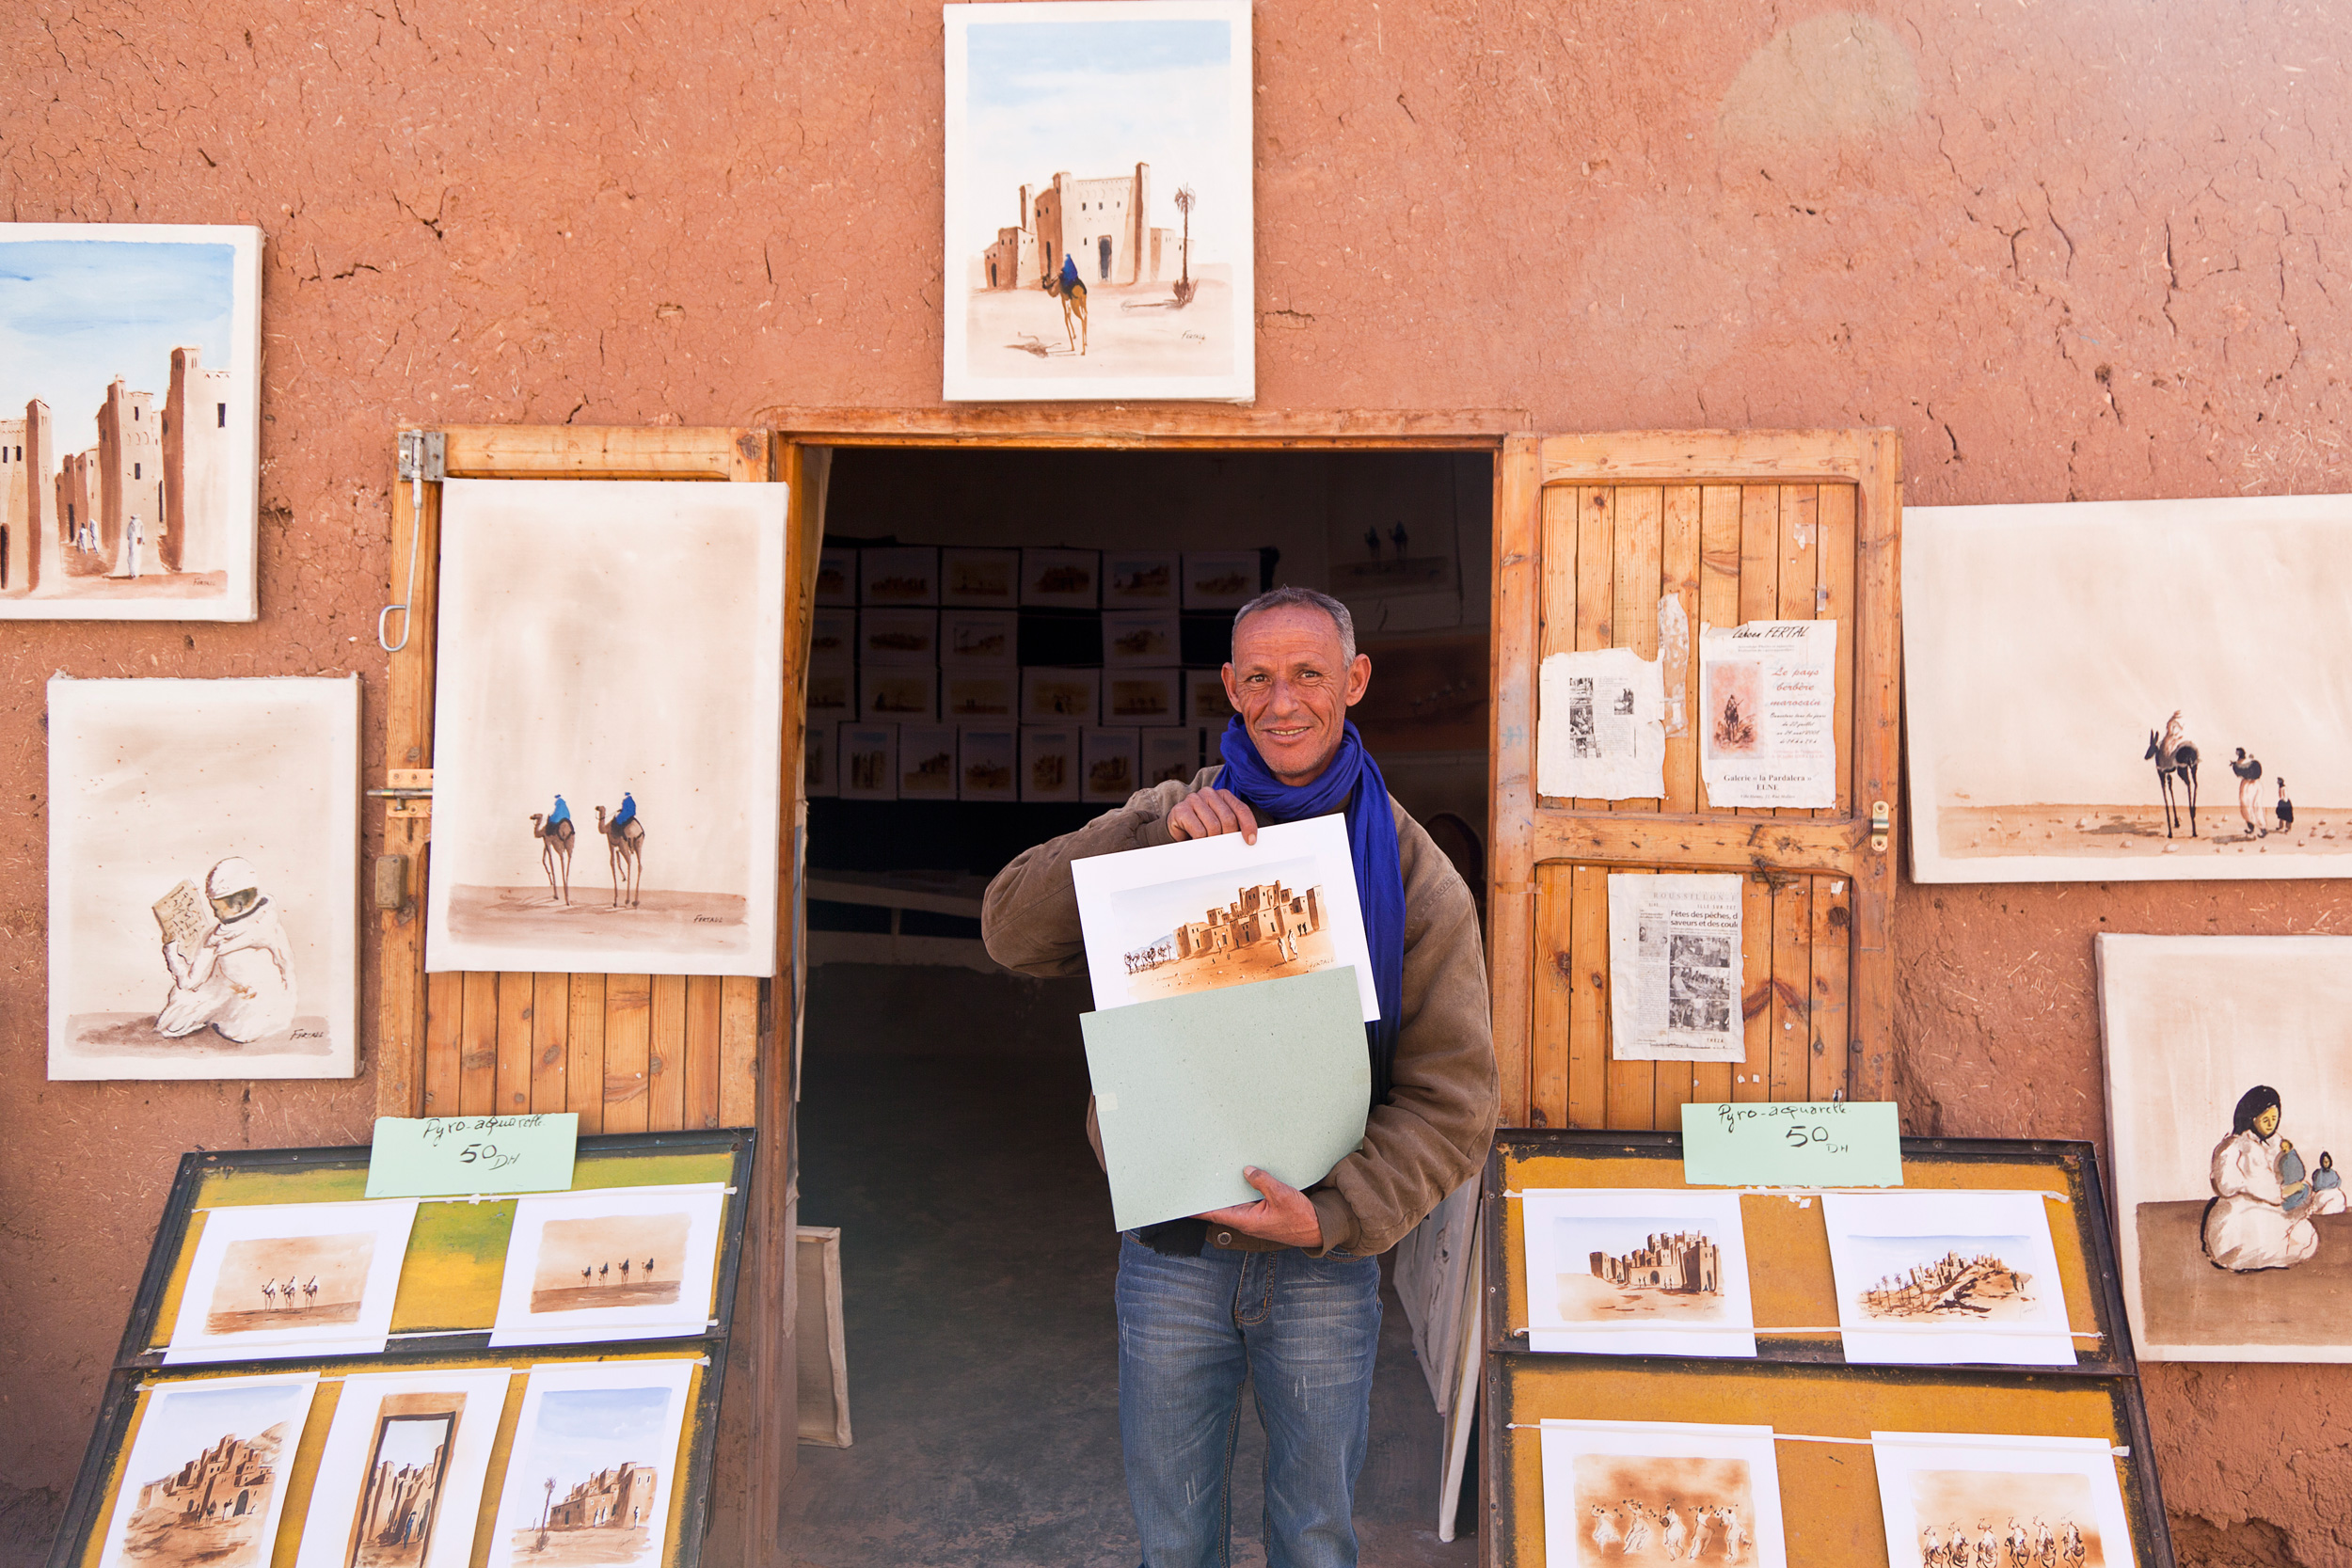 20111224 - Fertal Lahcen Artist by Mina Seville.jpg